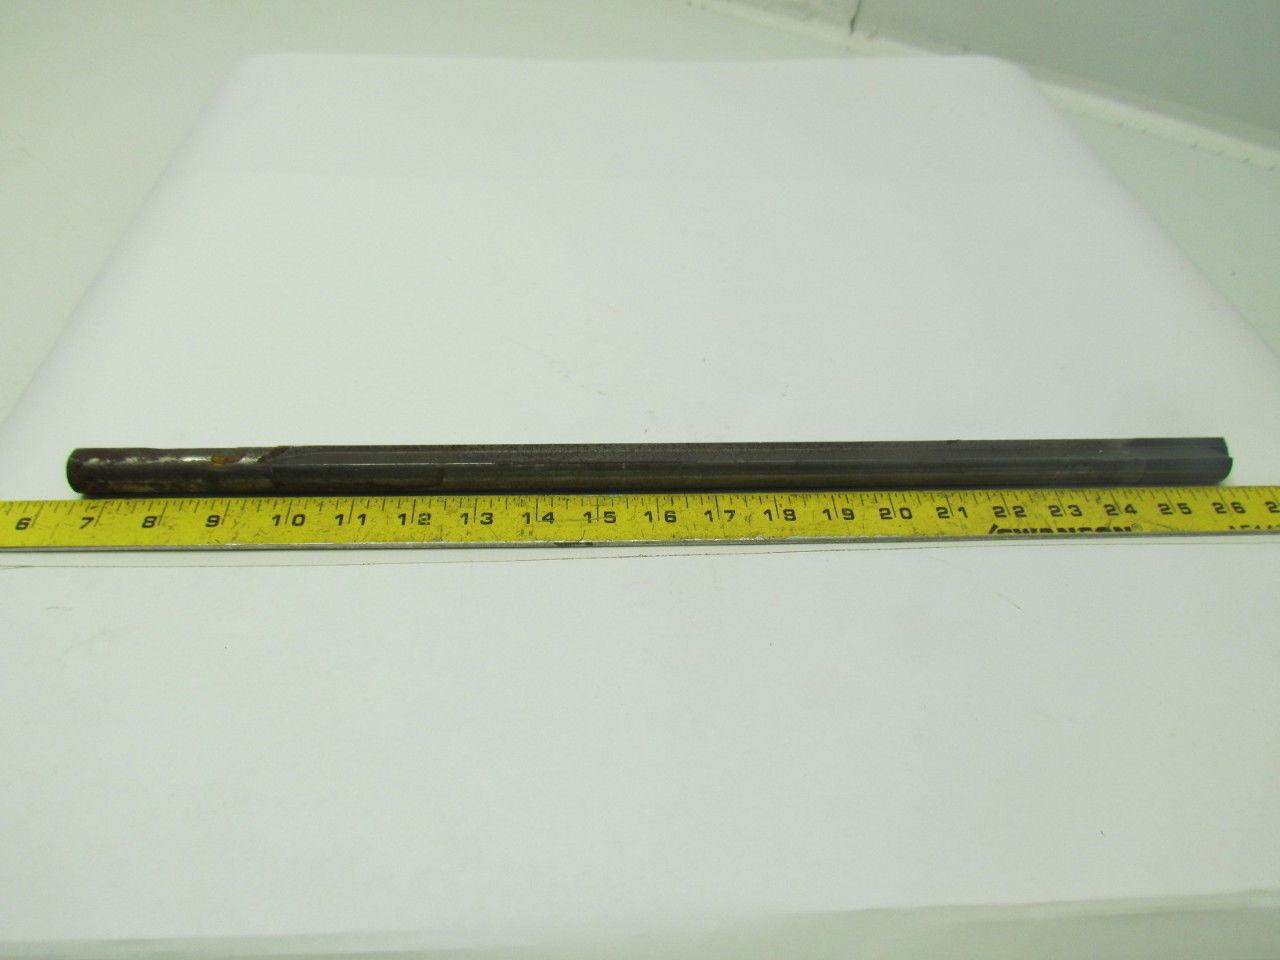 """.812x20.250"""" OAL 2 Flute Coolant Fed Carbide Tip Gun Drill"""